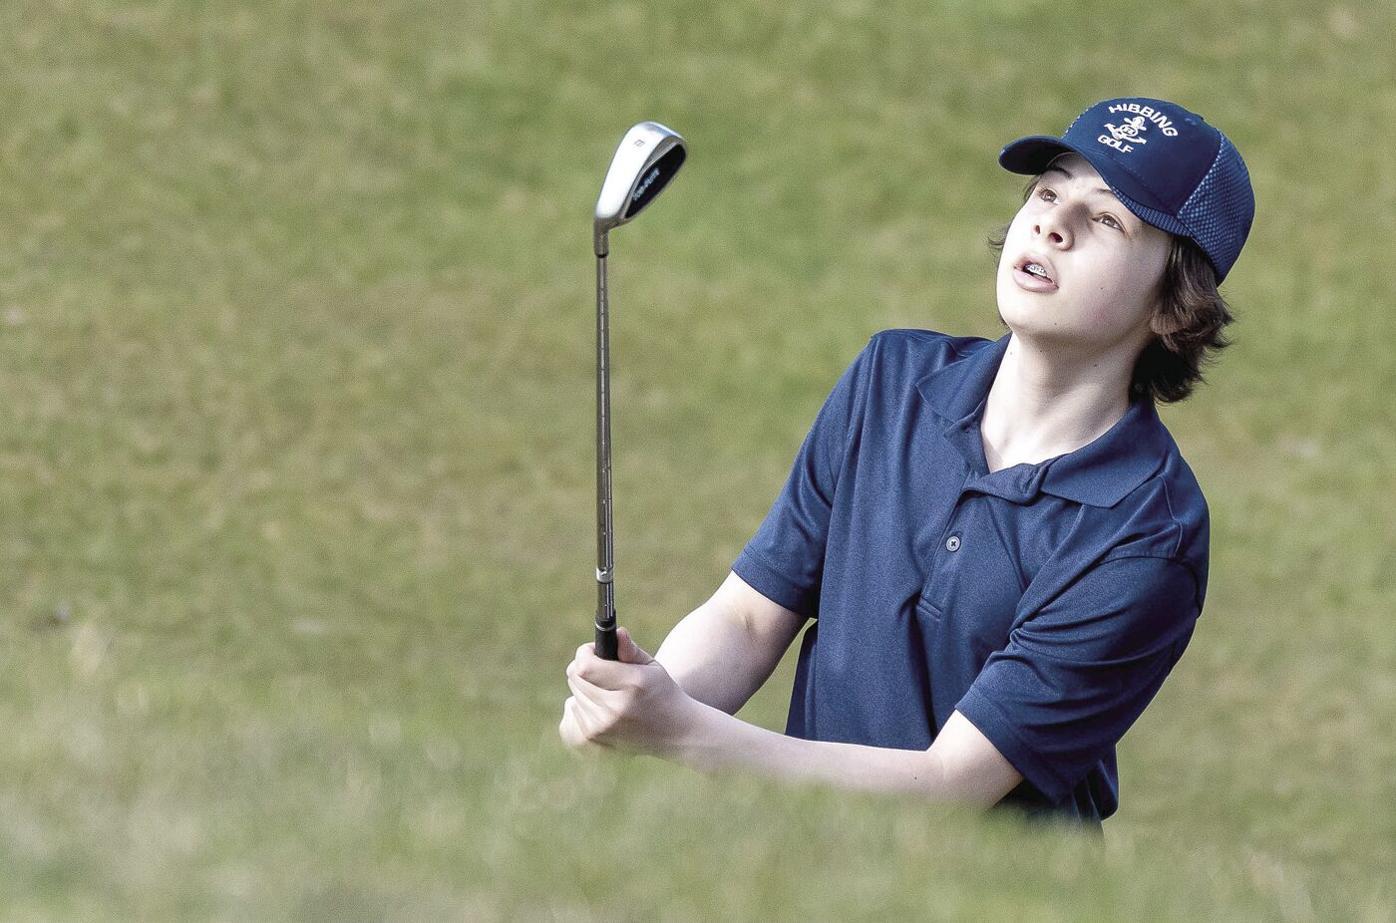 hibbing golf